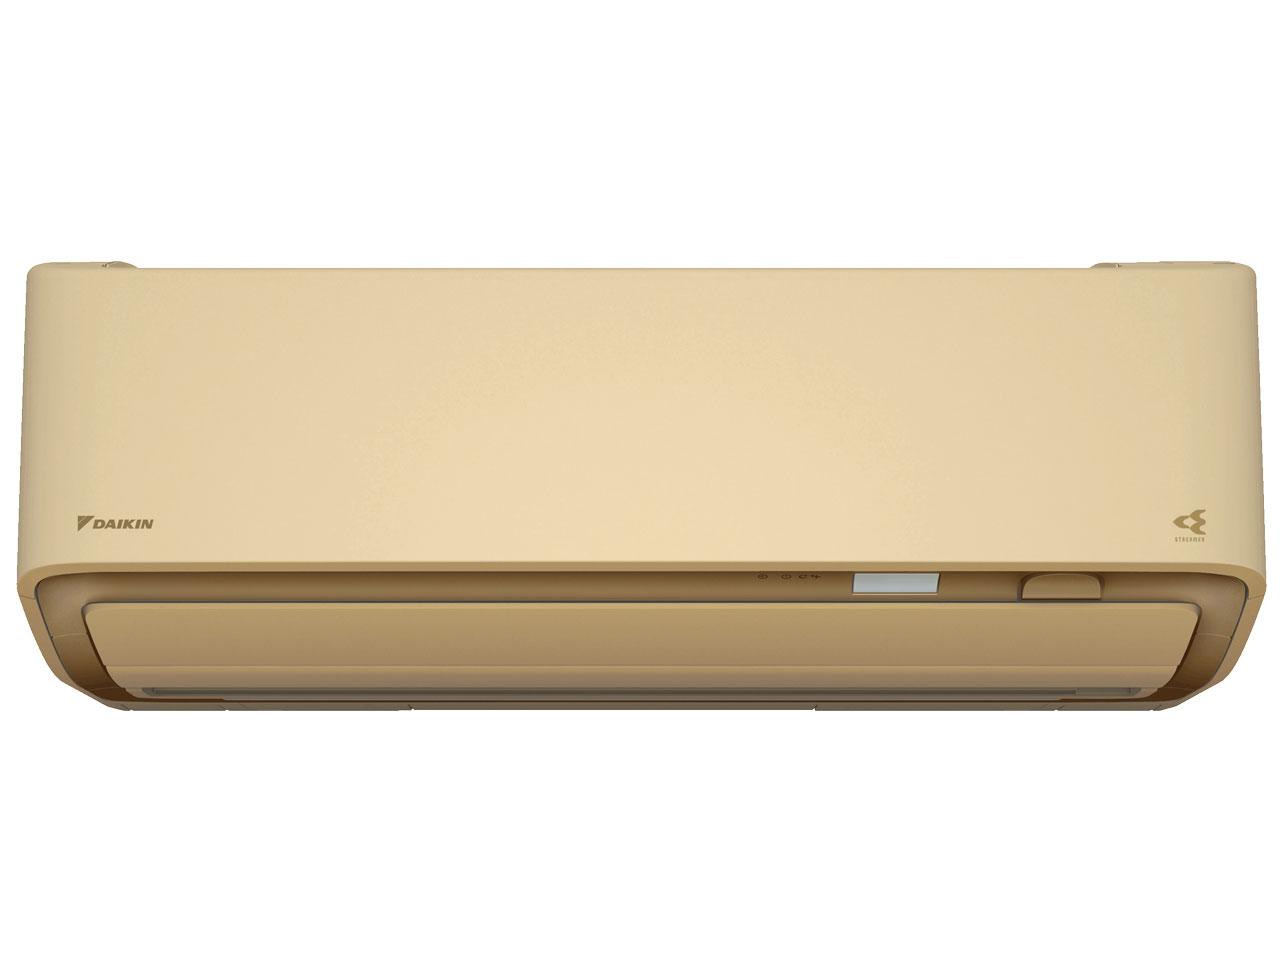 ダイキン 19年モデル うるさら7 RXシリーズ S40WTRXP-C 【200V用】14畳用冷暖房除湿エアコン